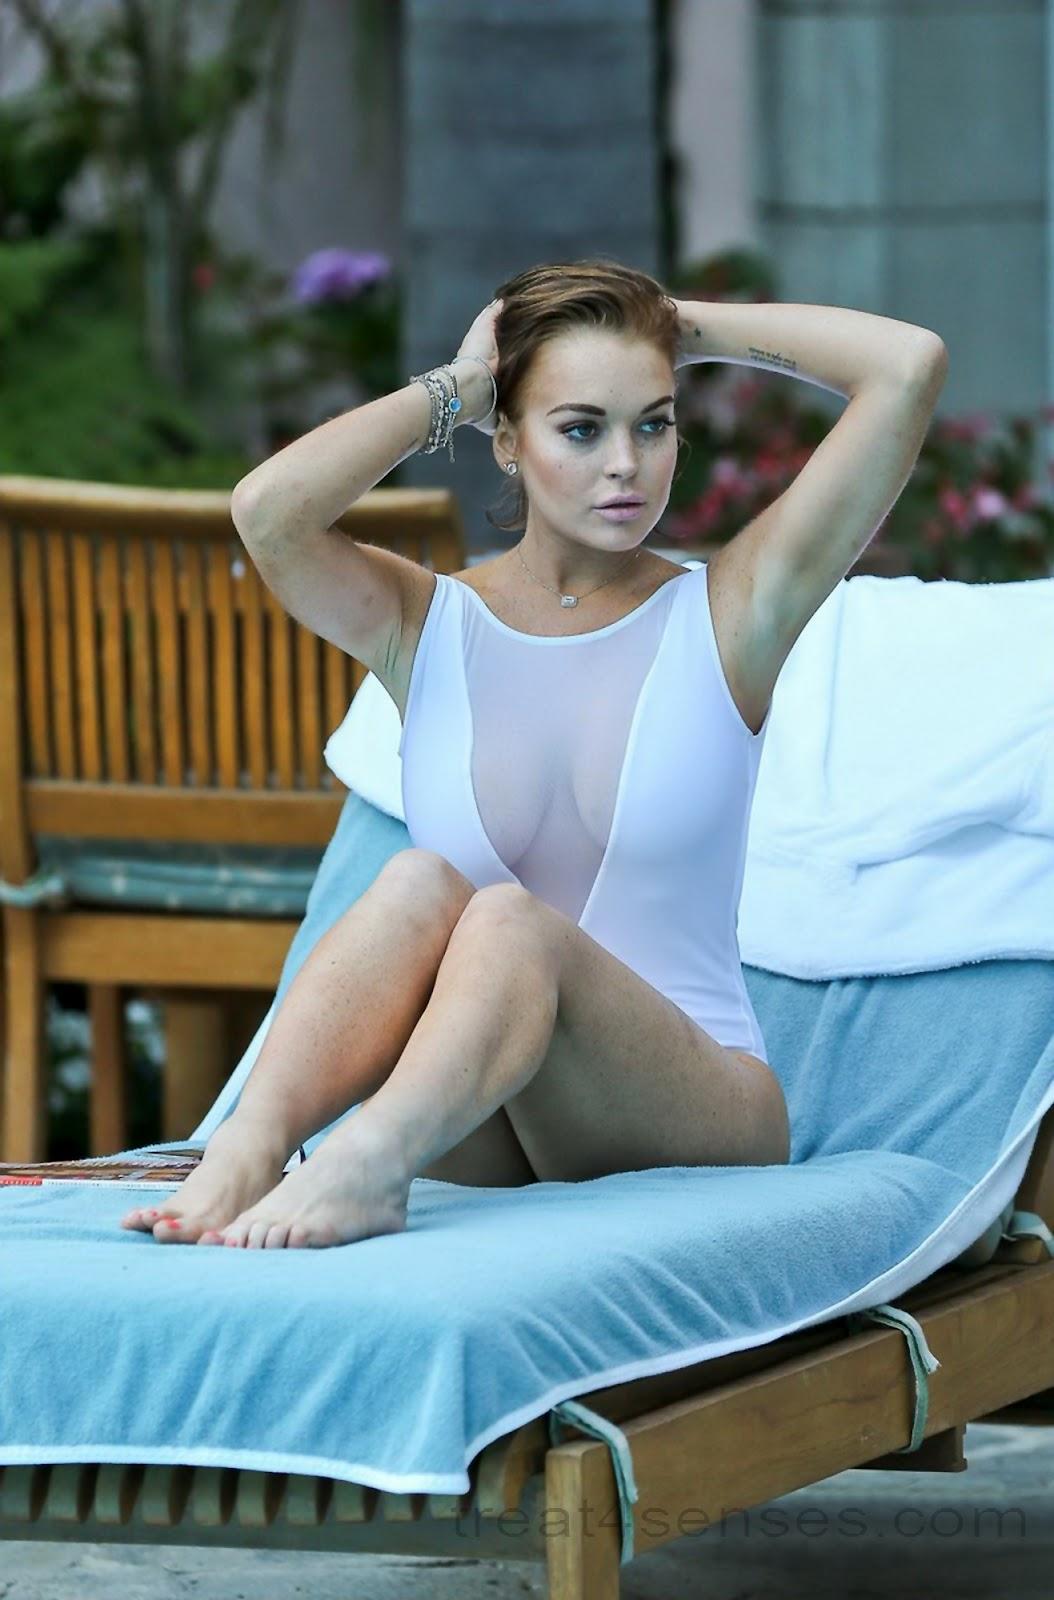 http://4.bp.blogspot.com/-kkNGq4jwxQs/UCKhI00cYXI/AAAAAAAAJLw/OZDMkNiHCbs/s1600/lindsay-lohan-swimsuit_treat4senses_3.jpg